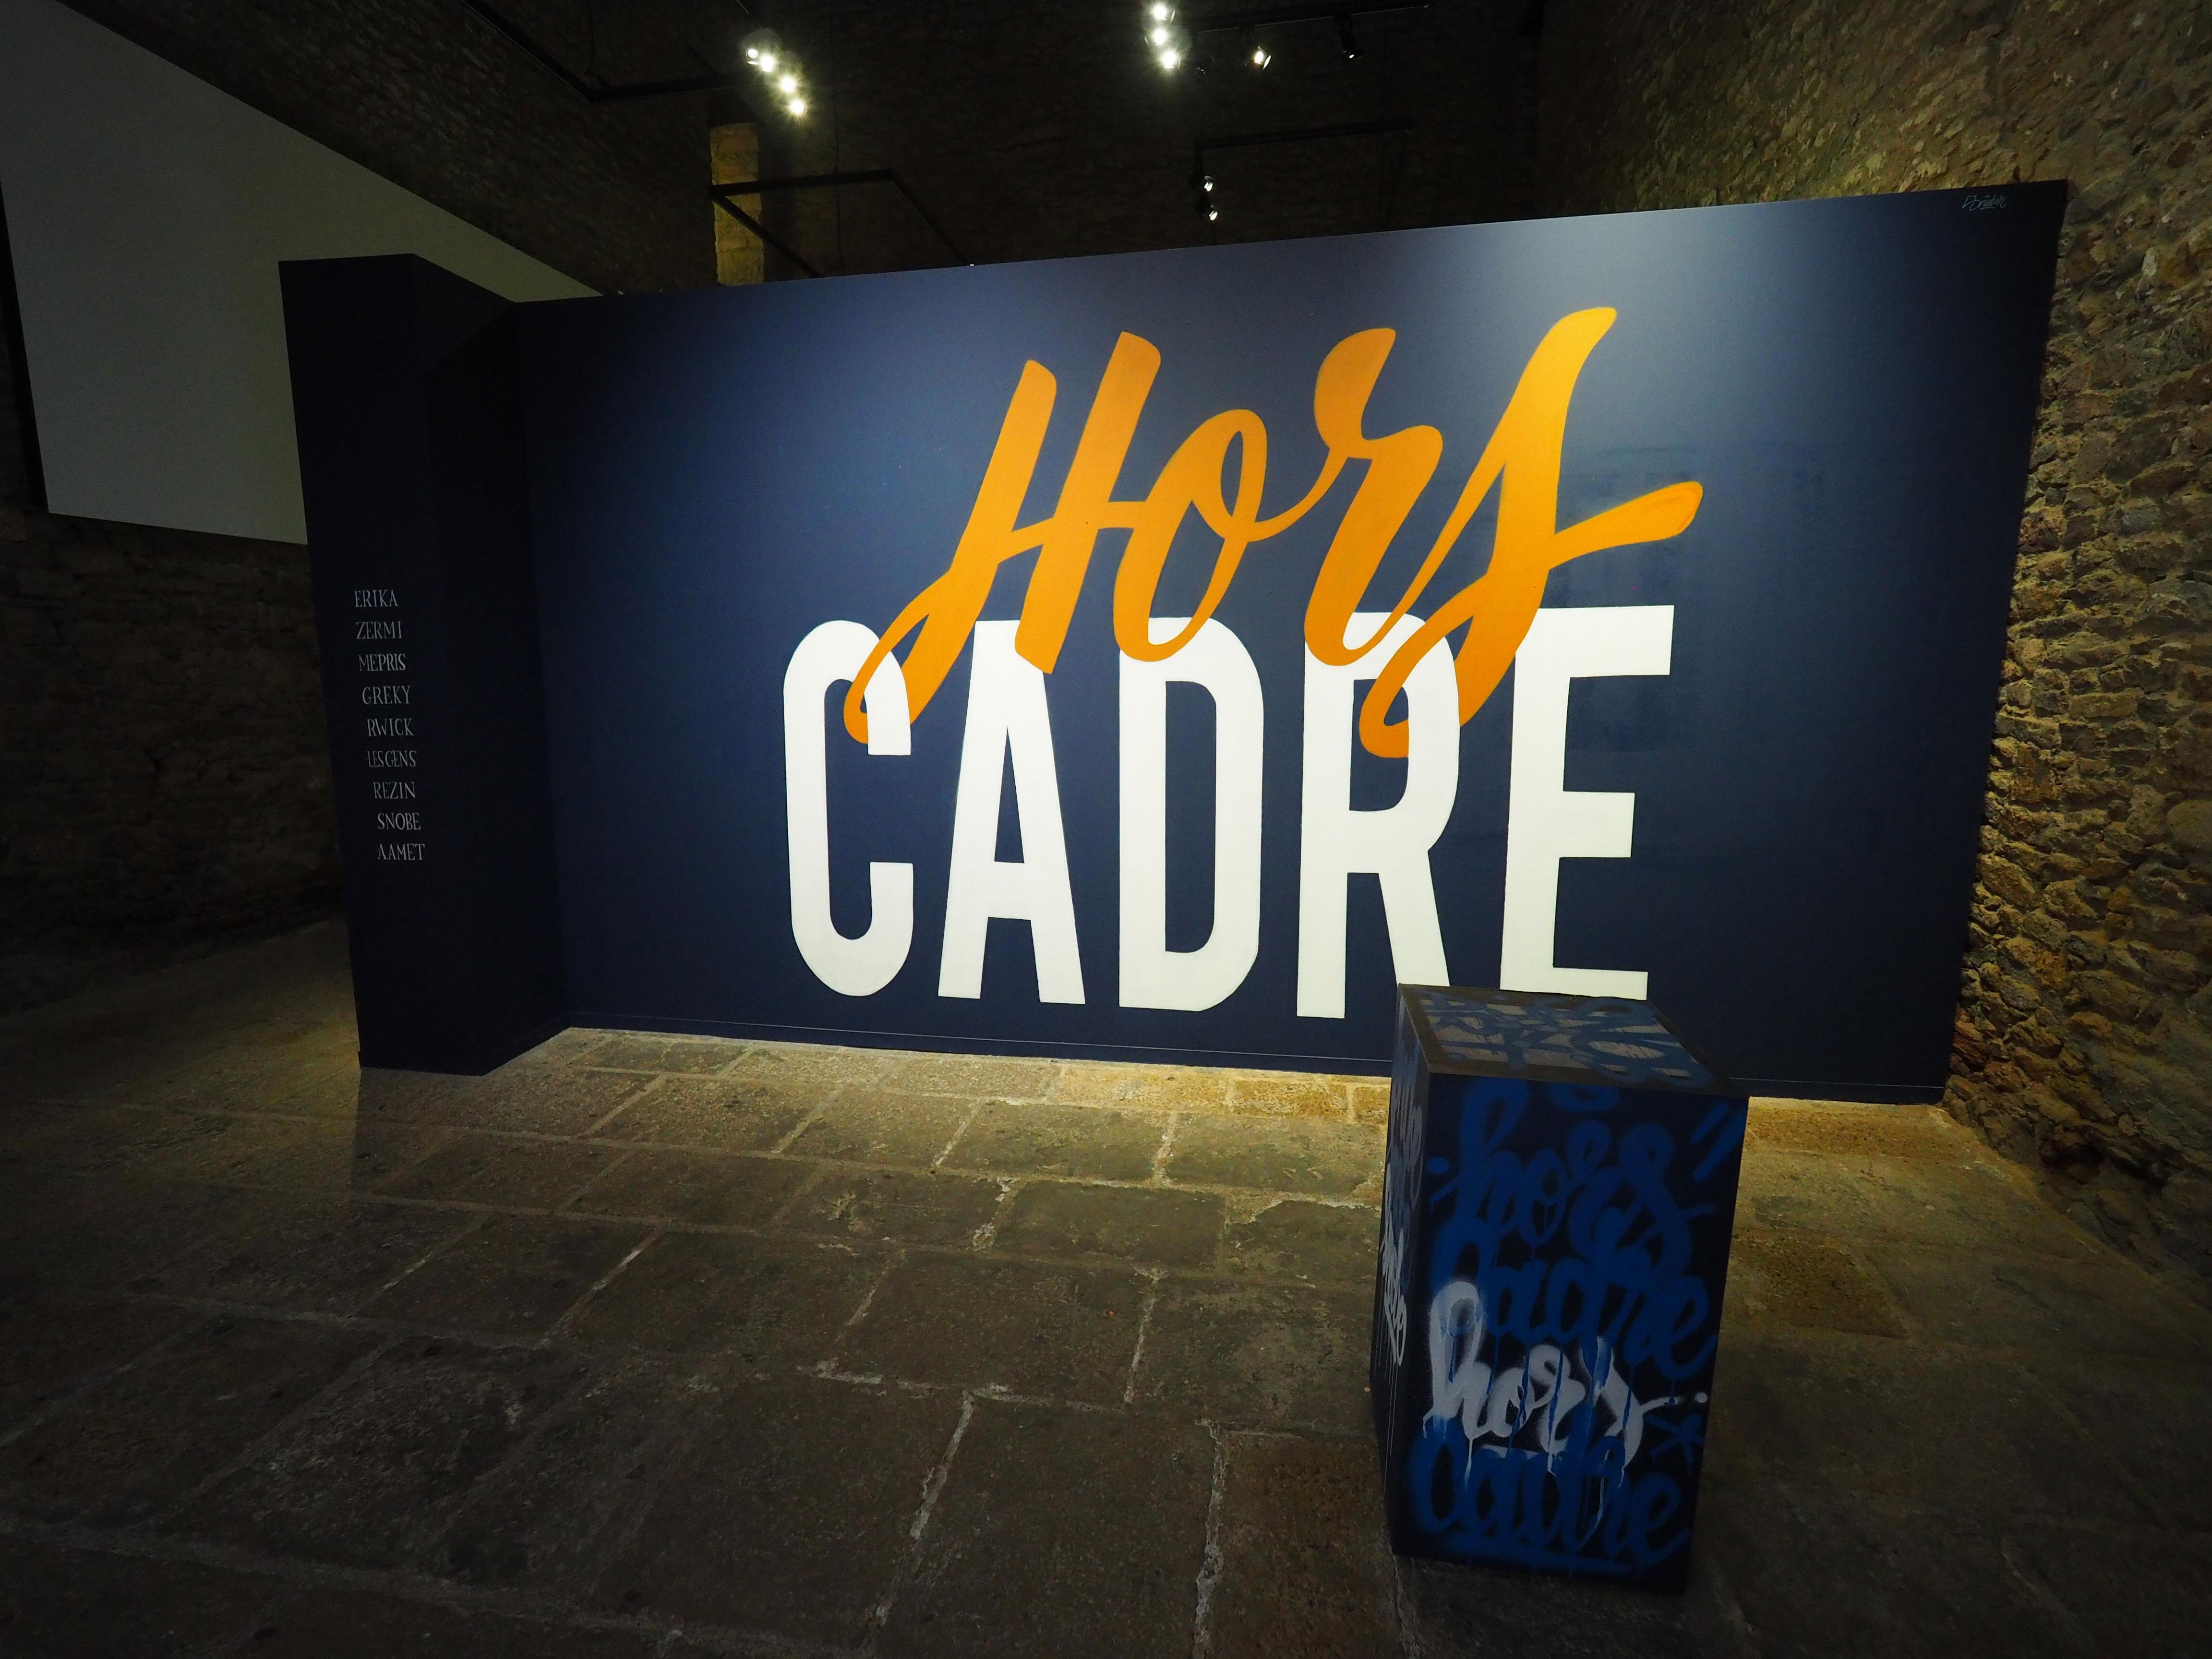 Hors cadre graffiti lettering exposition au musée de vannes Nicolas Sinic